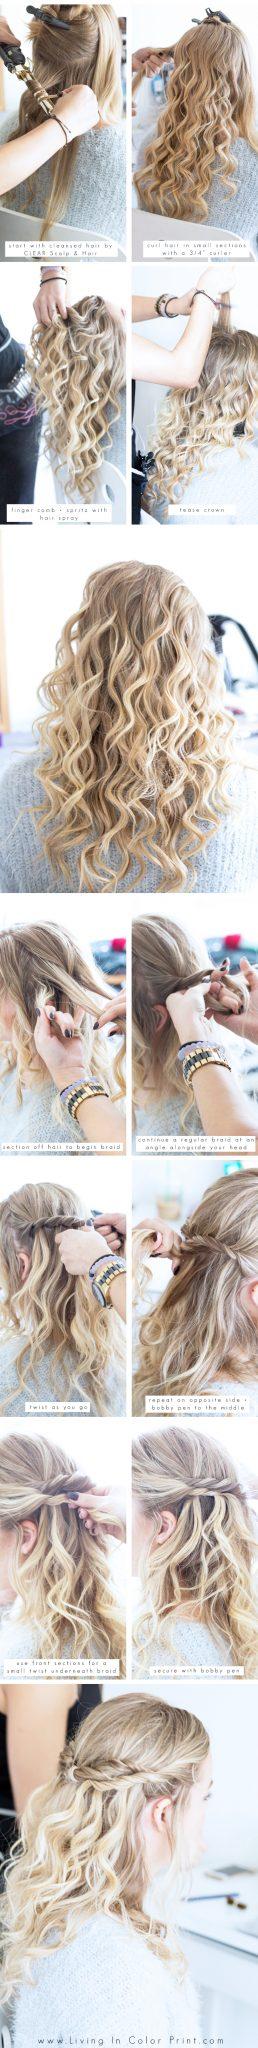 CLEAR Scalp & Hair step by step